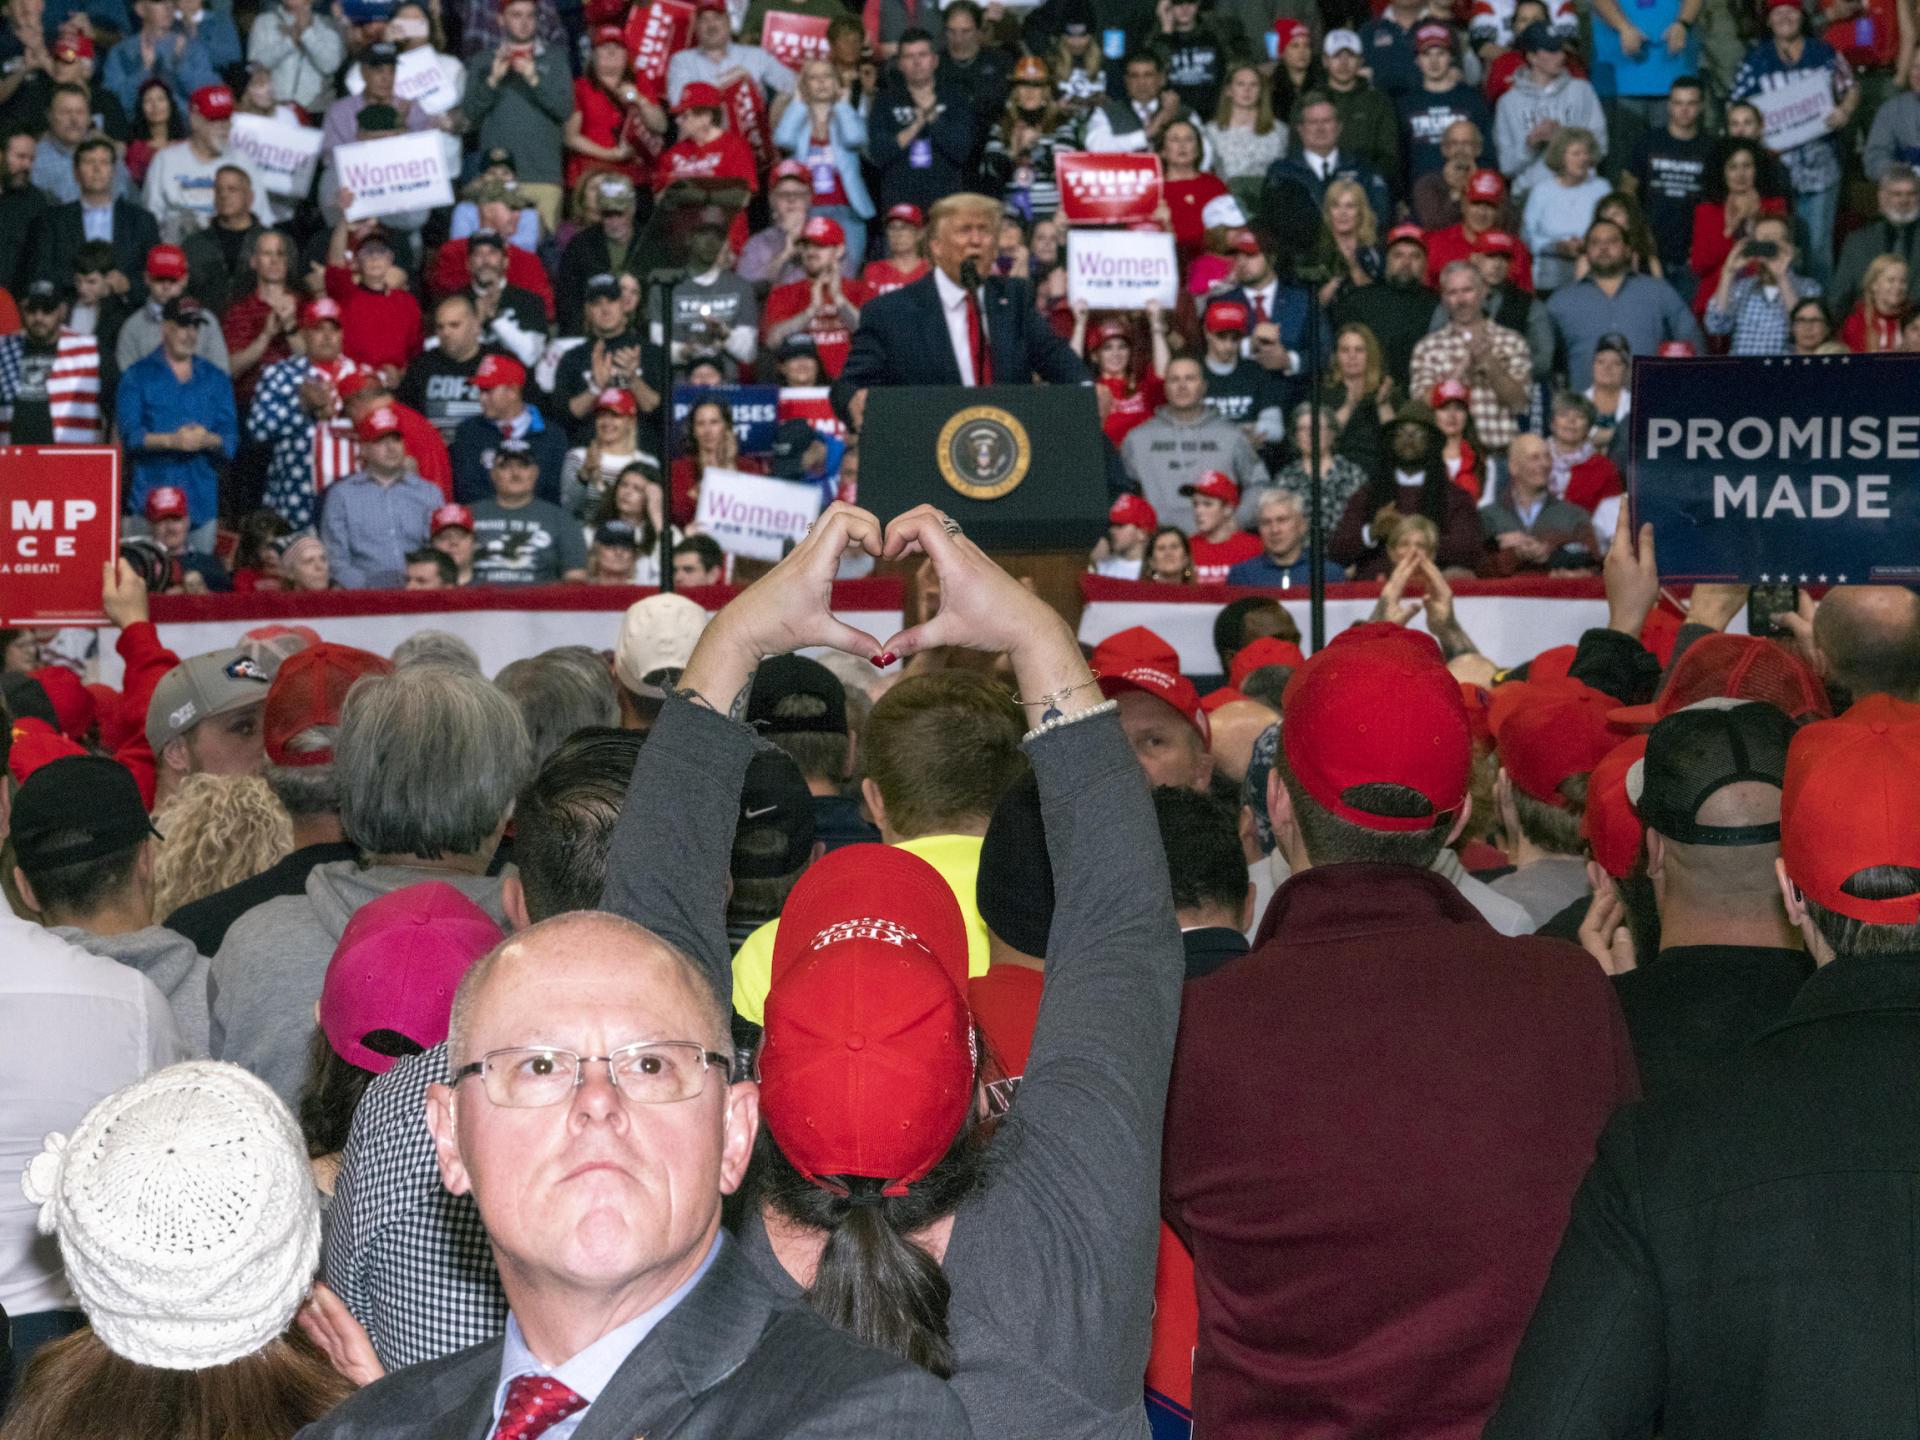 A Manchester (New Hampshire) le 11 février, le président Donald Trump organise un rassemblement pendant la campagne des primaires.